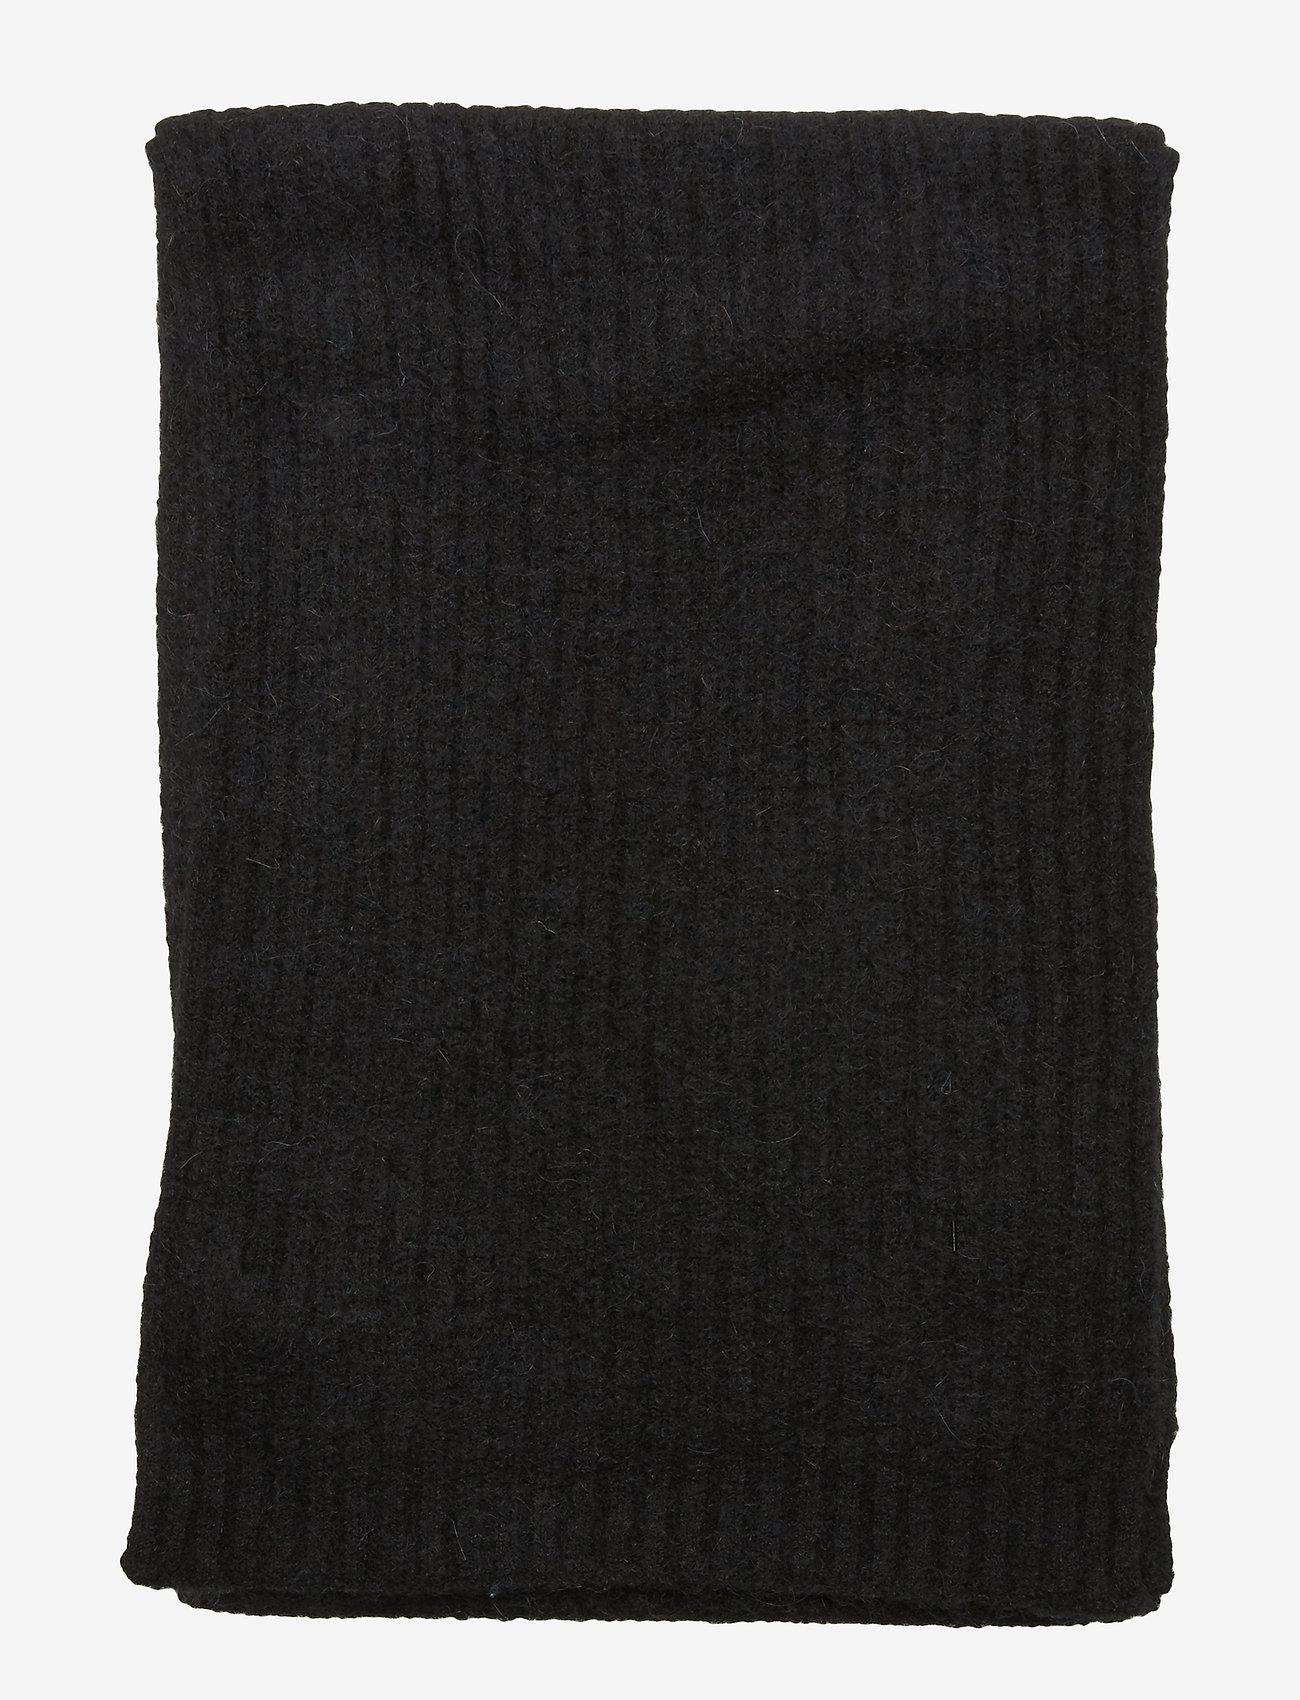 Samsøe Samsøe Nori scarf slim 7355 - Szaliki i chusty BLACK - Akcesoria